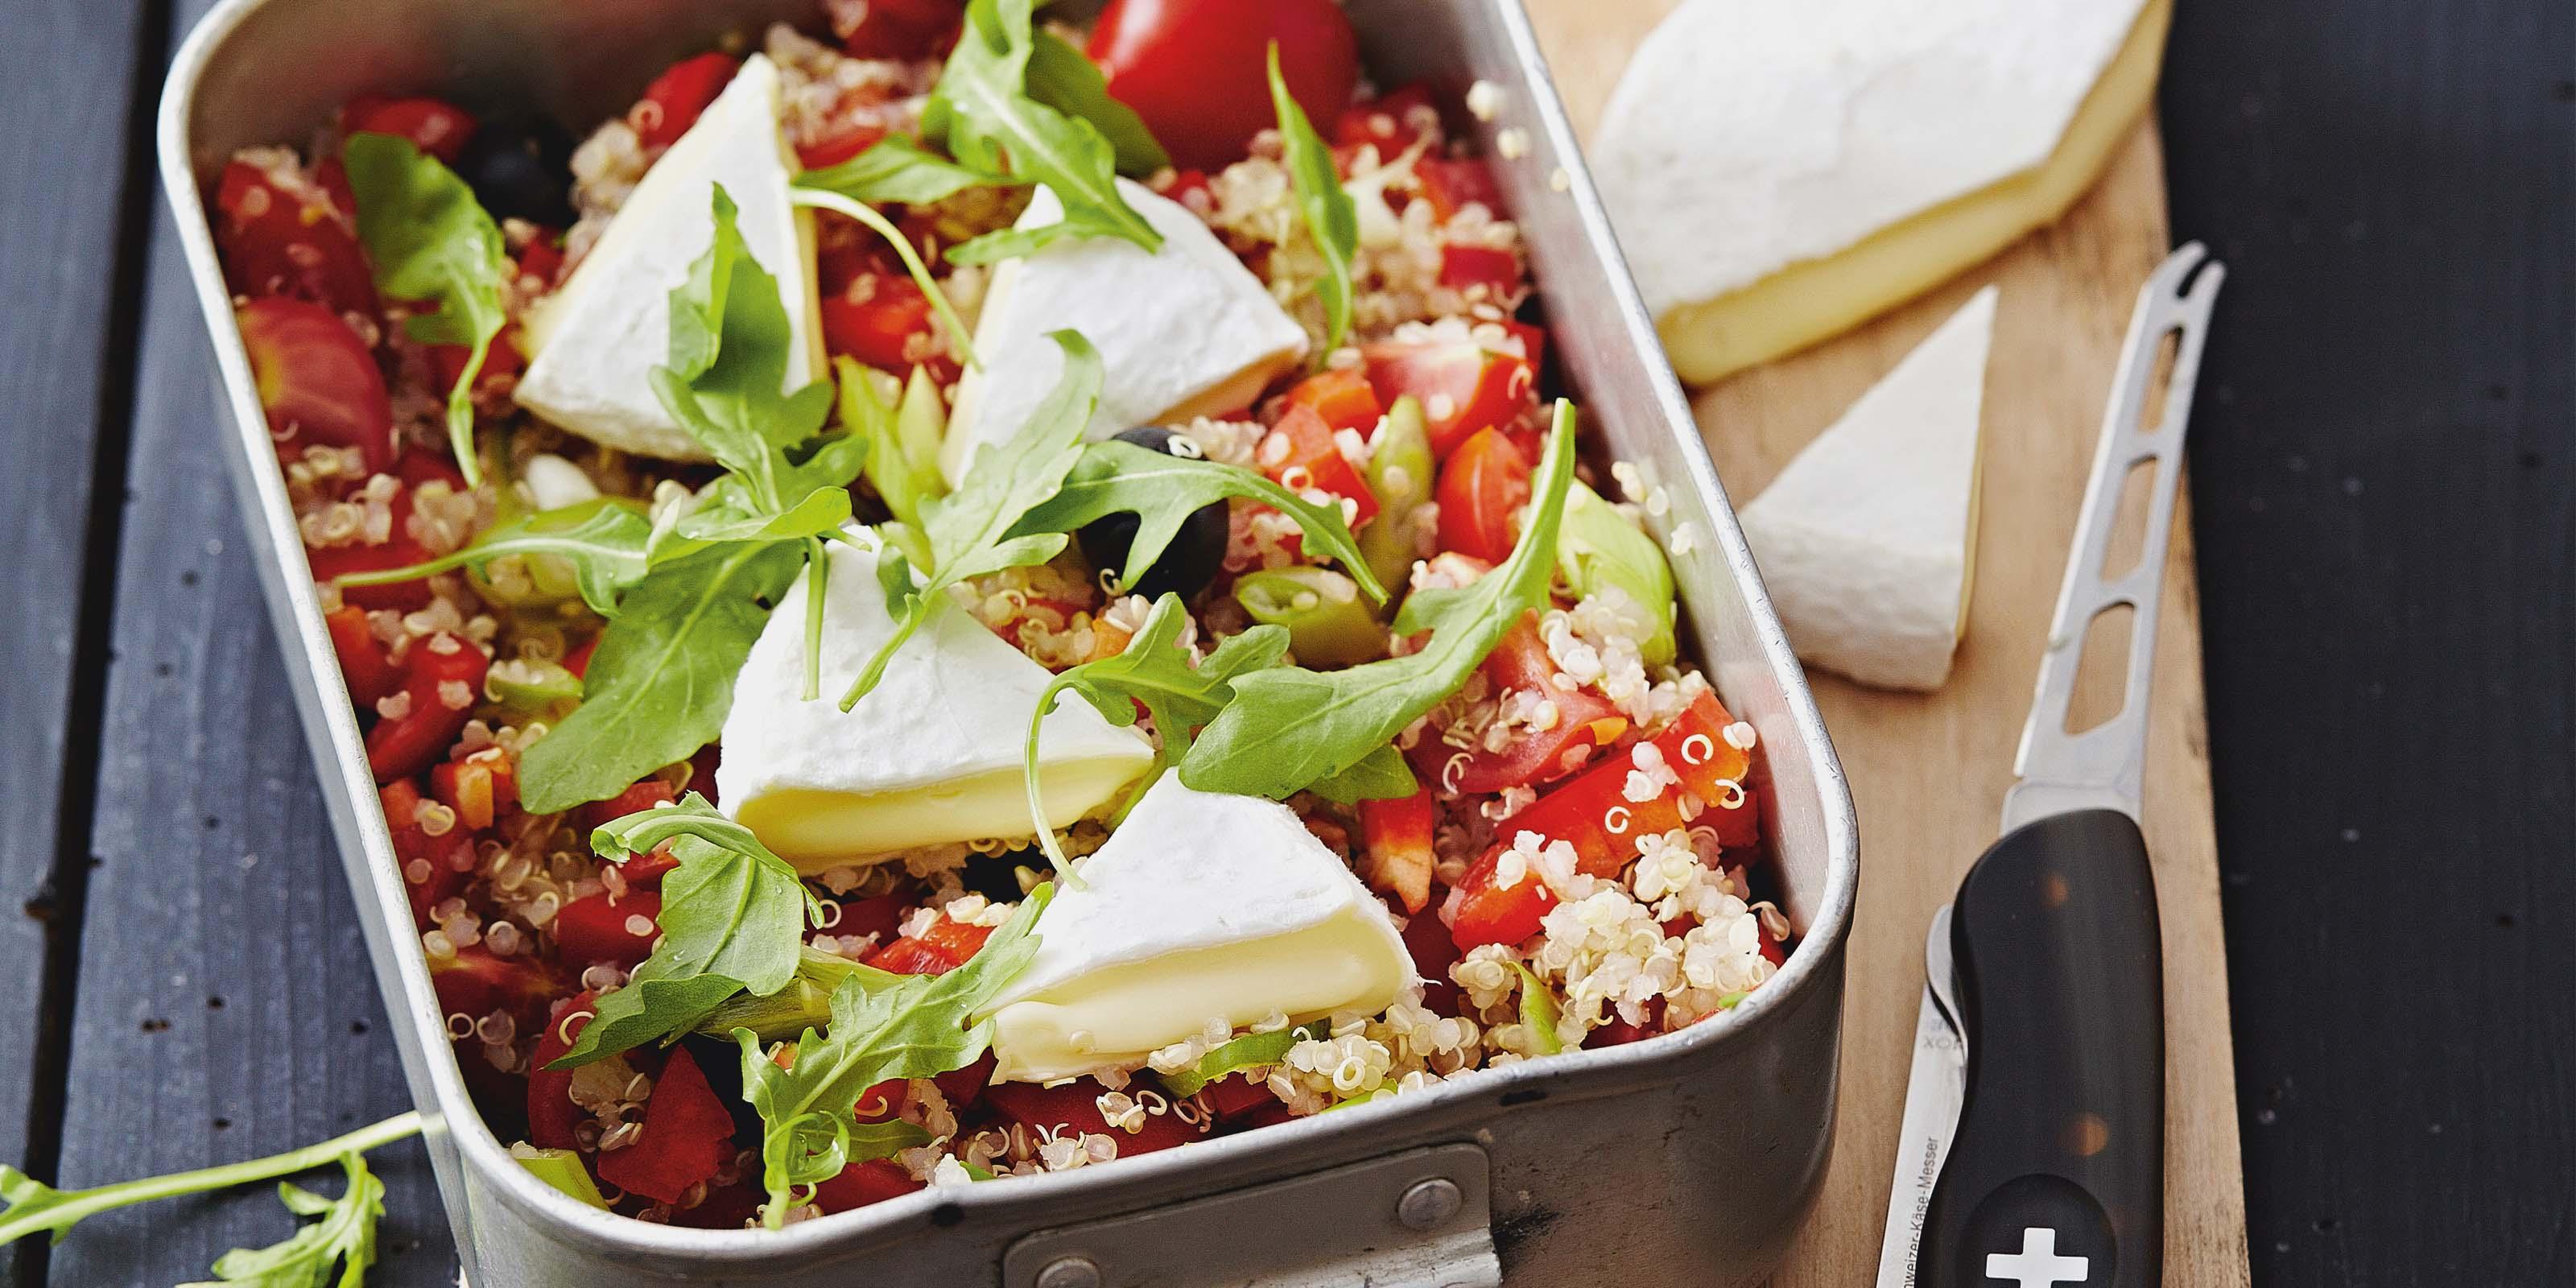 Quinoa-Salat mit Kirschtomaten, Rucola und Tomme Vaudoise